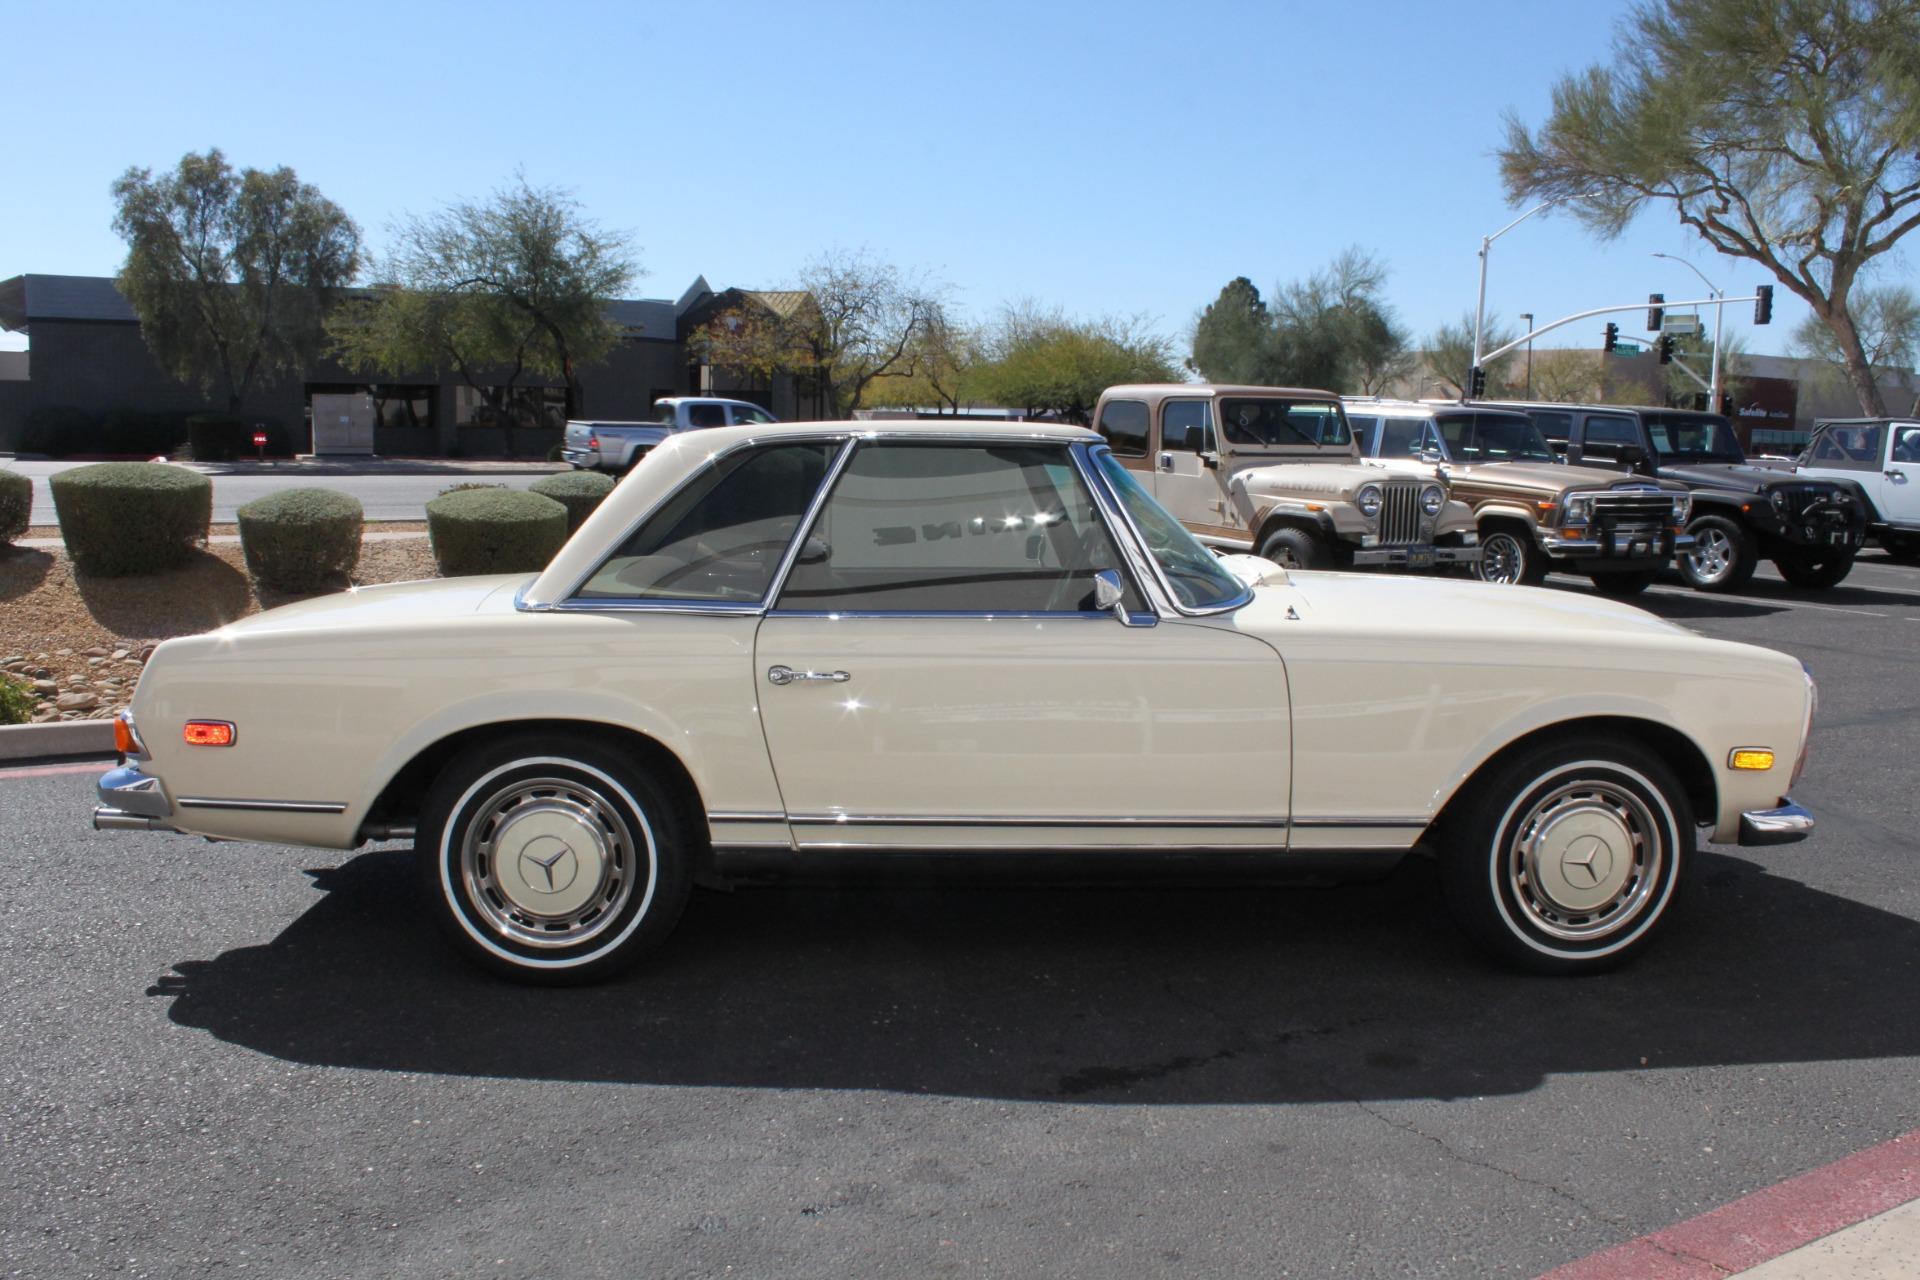 Used-1971-Mercedes-Benz-280SL-Convertible-Jaguar